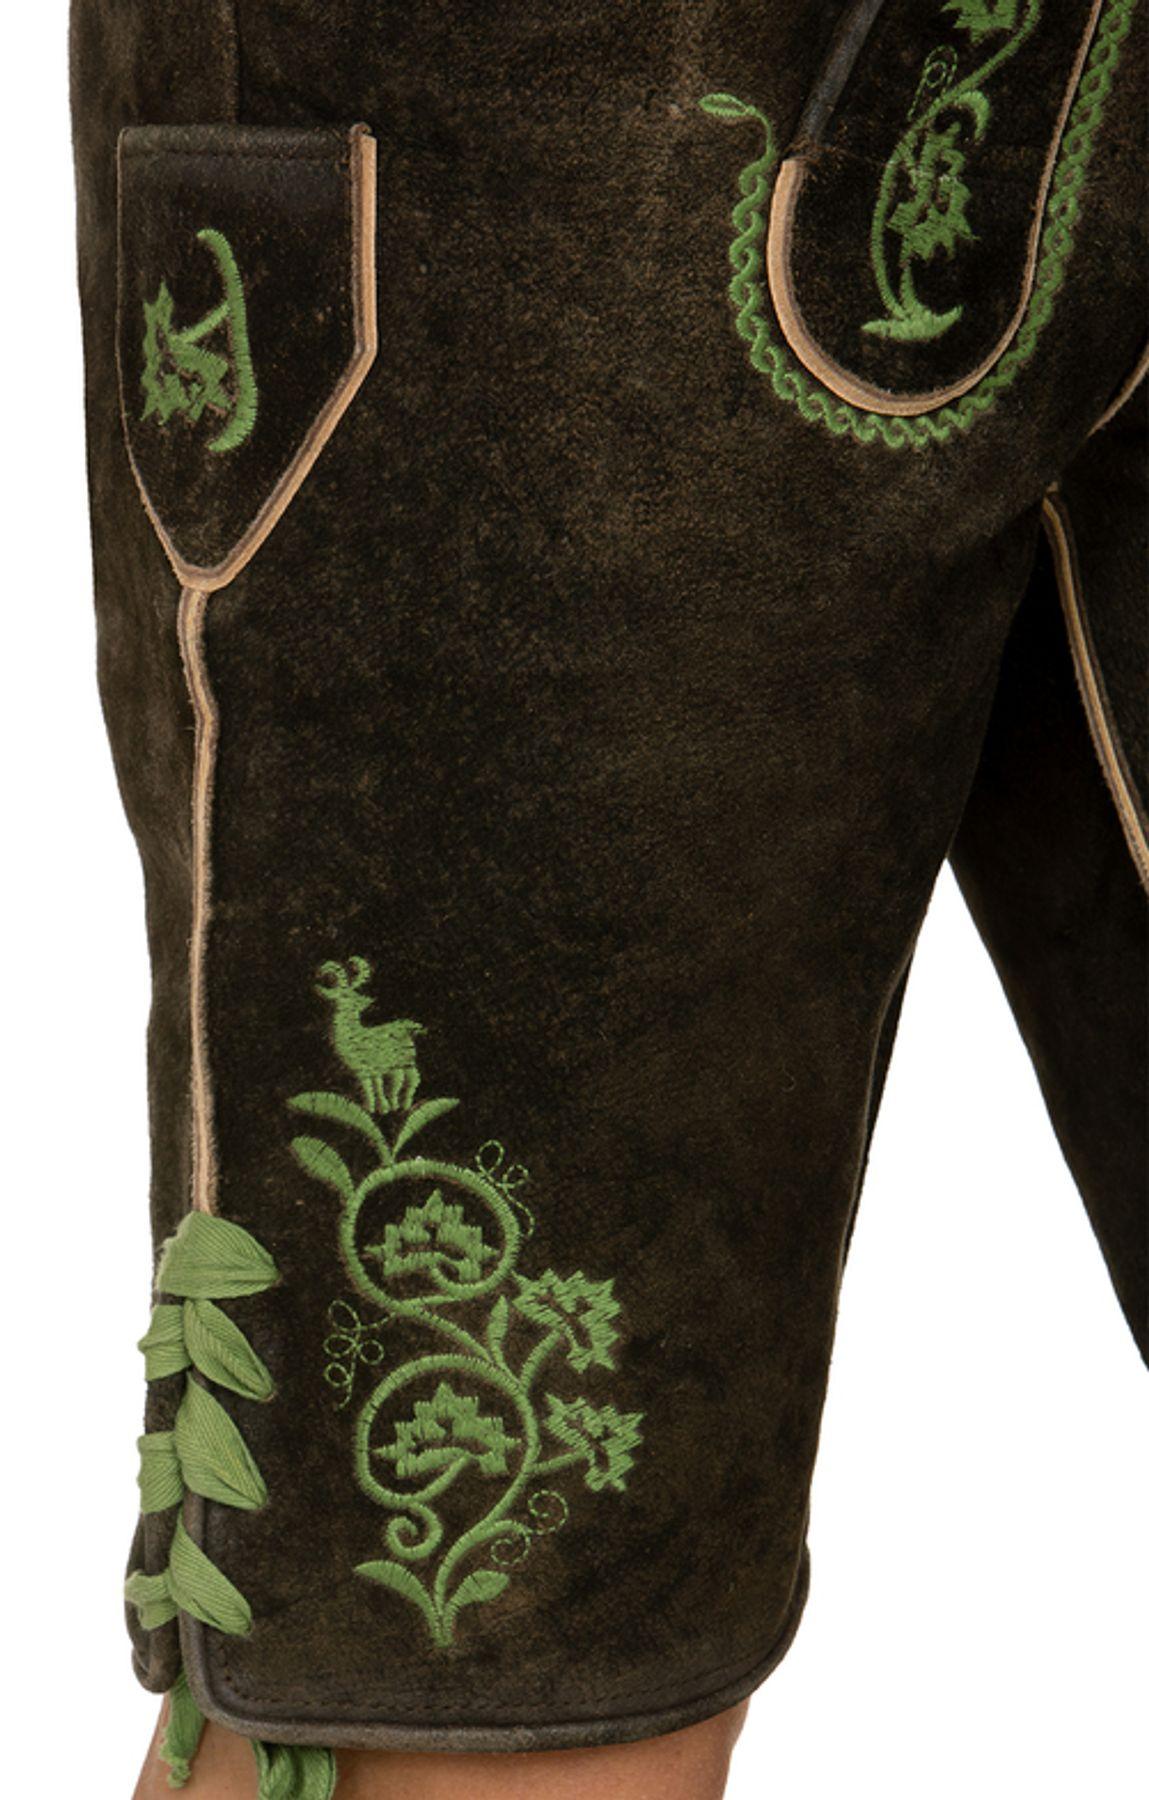 Stockerpoint - Herren Trachten Lederhose mit Träger, in verschiedenen Farben, Edgar – Bild 5